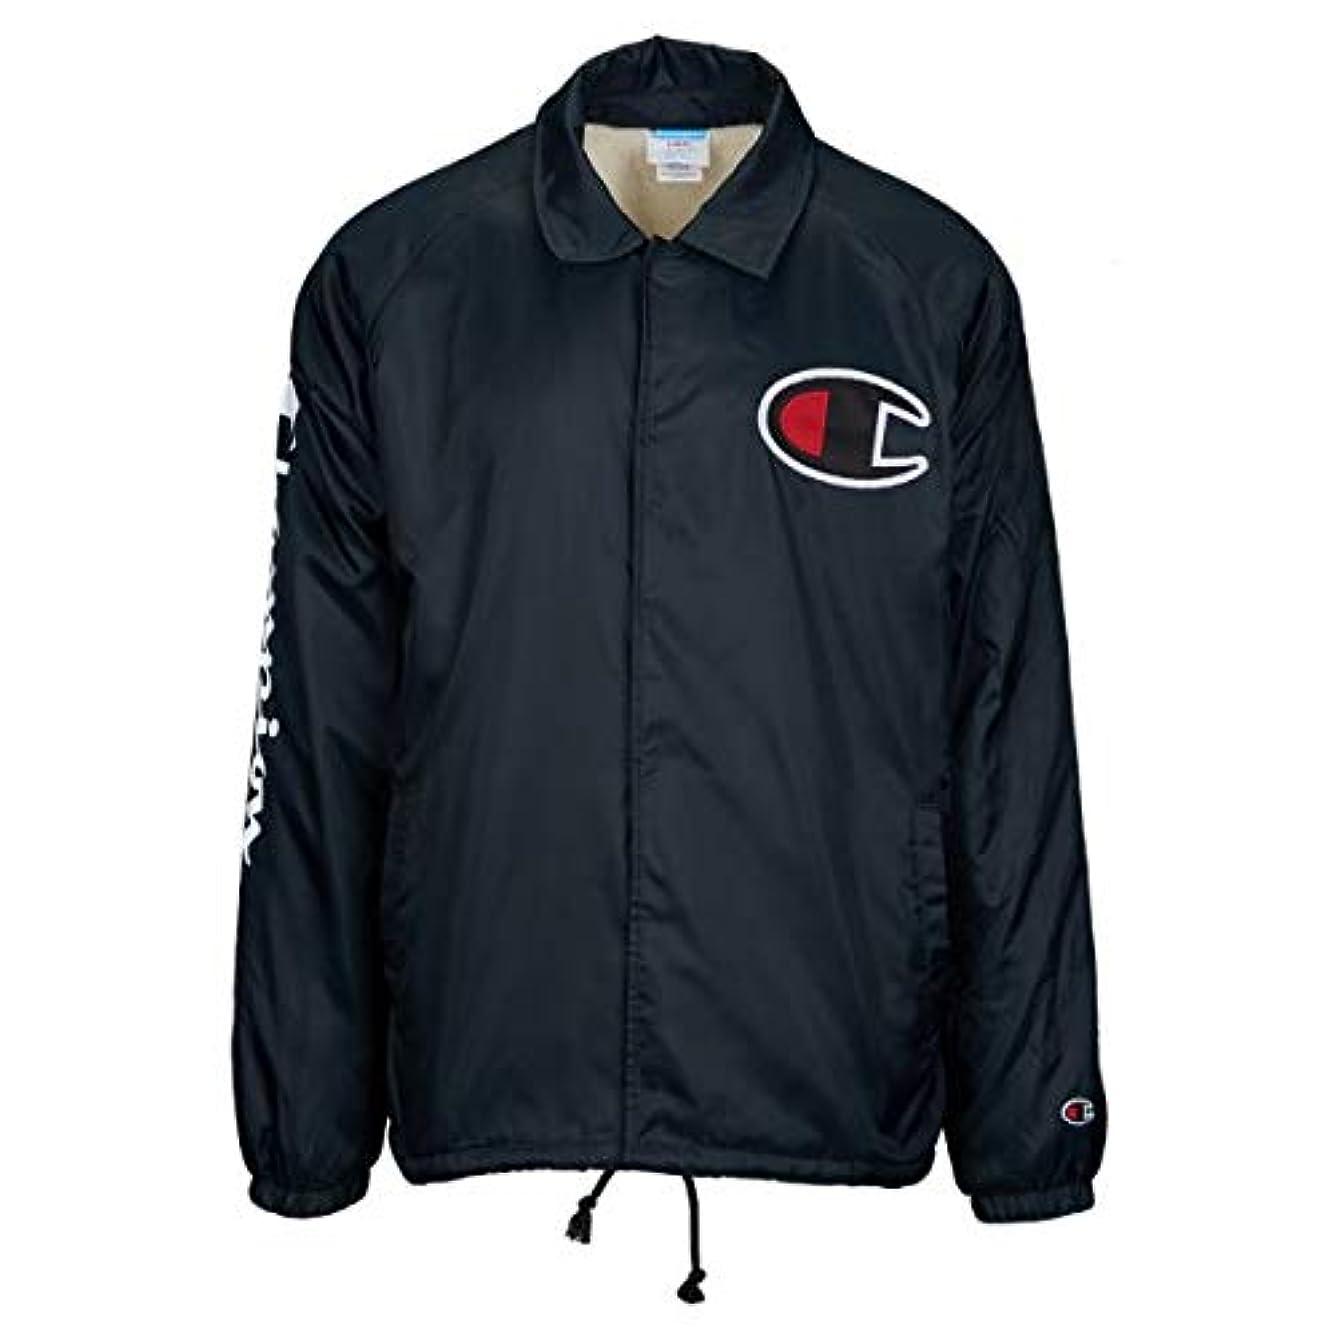 知るシェル音声(チャンピオン)Champion C Logo Sherpa Lined Jacket メンズ ジャケット?トレーナー [並行輸入品]